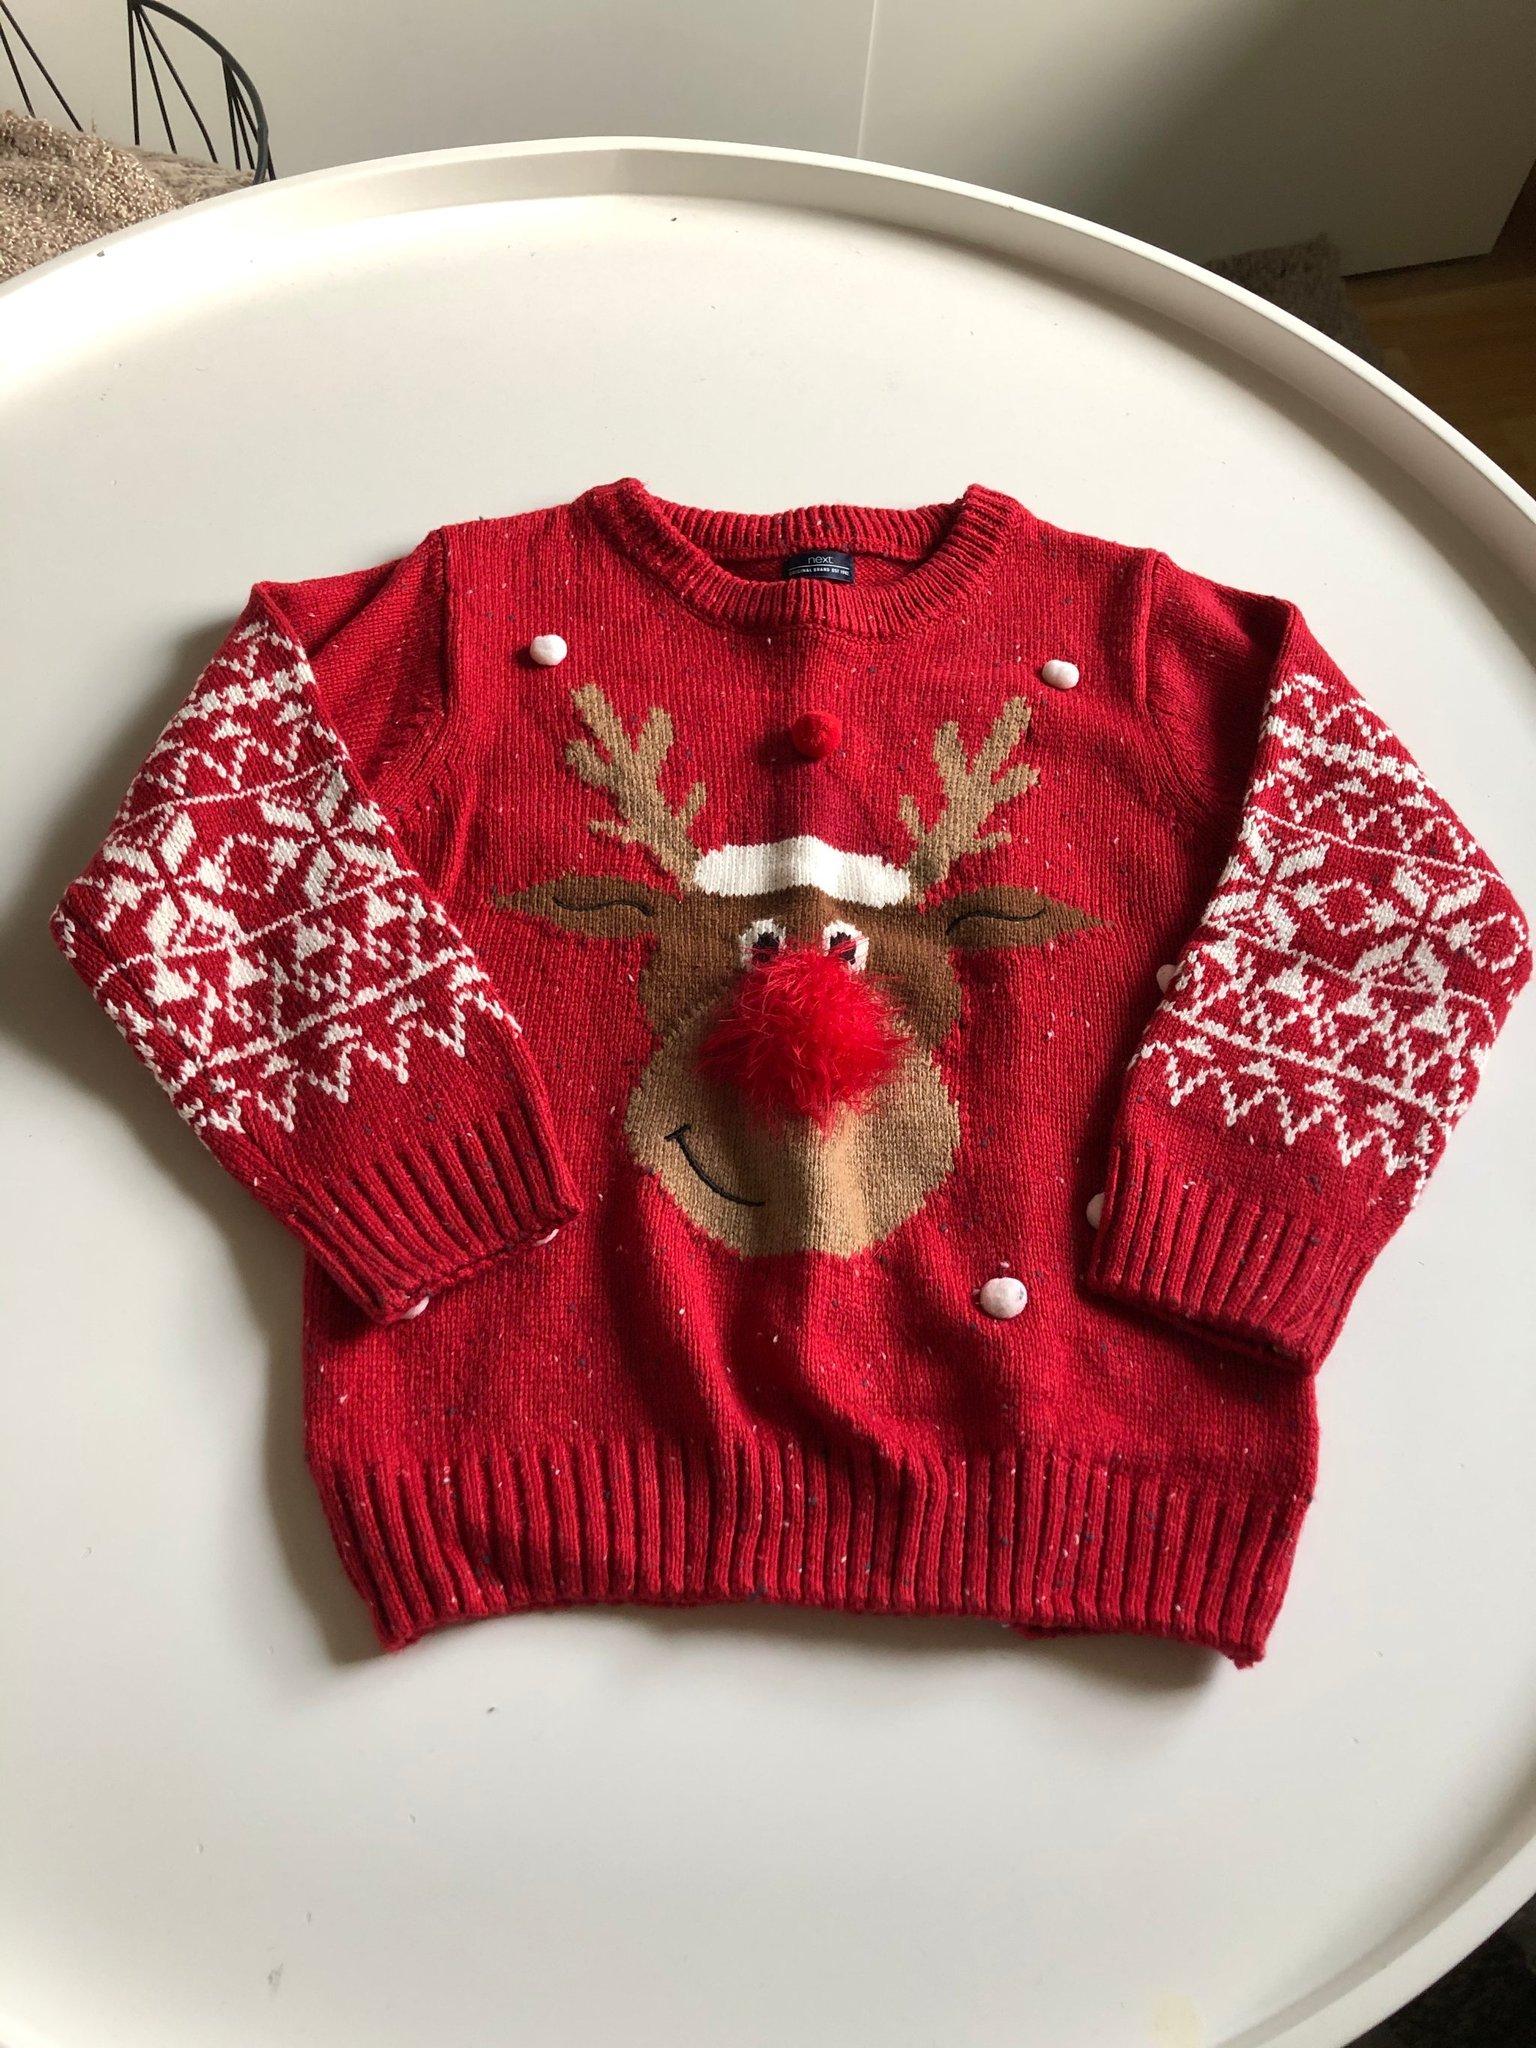 klassisk försäljning online Storbritannien butik Jultröja barn (370126623) ᐈ Köp på Tradera